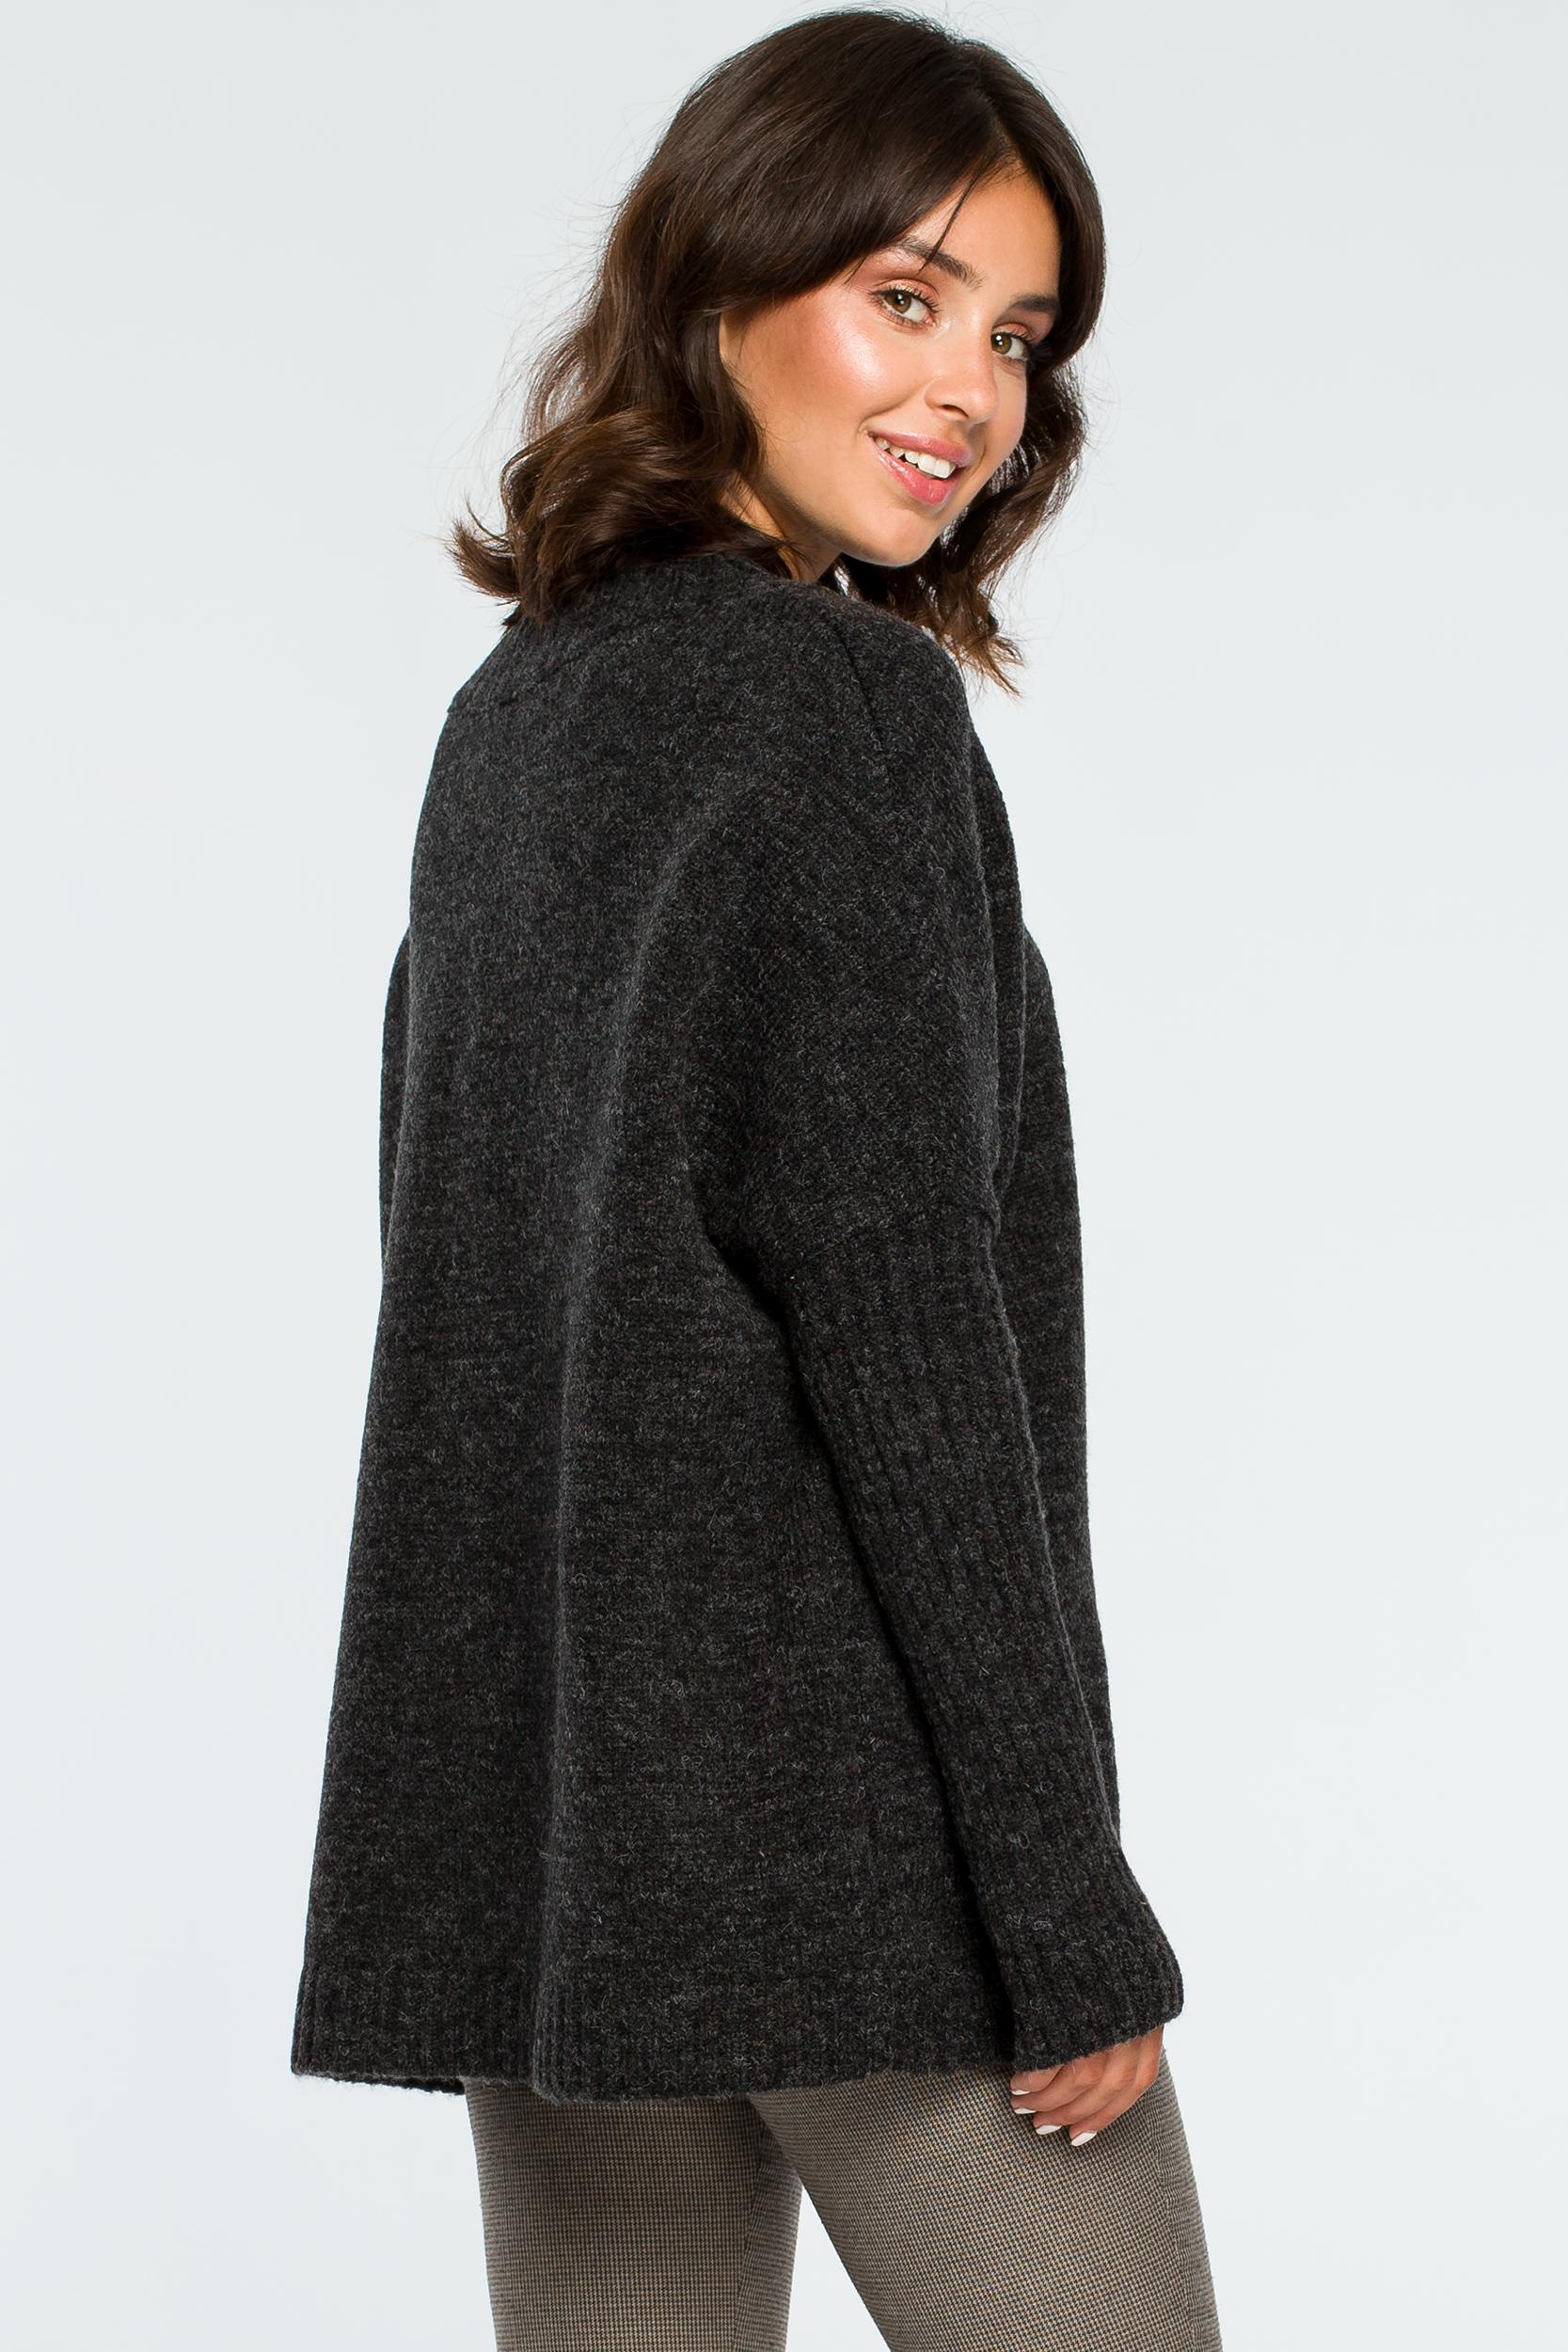 Pullover in Anthrazit Rückansicht